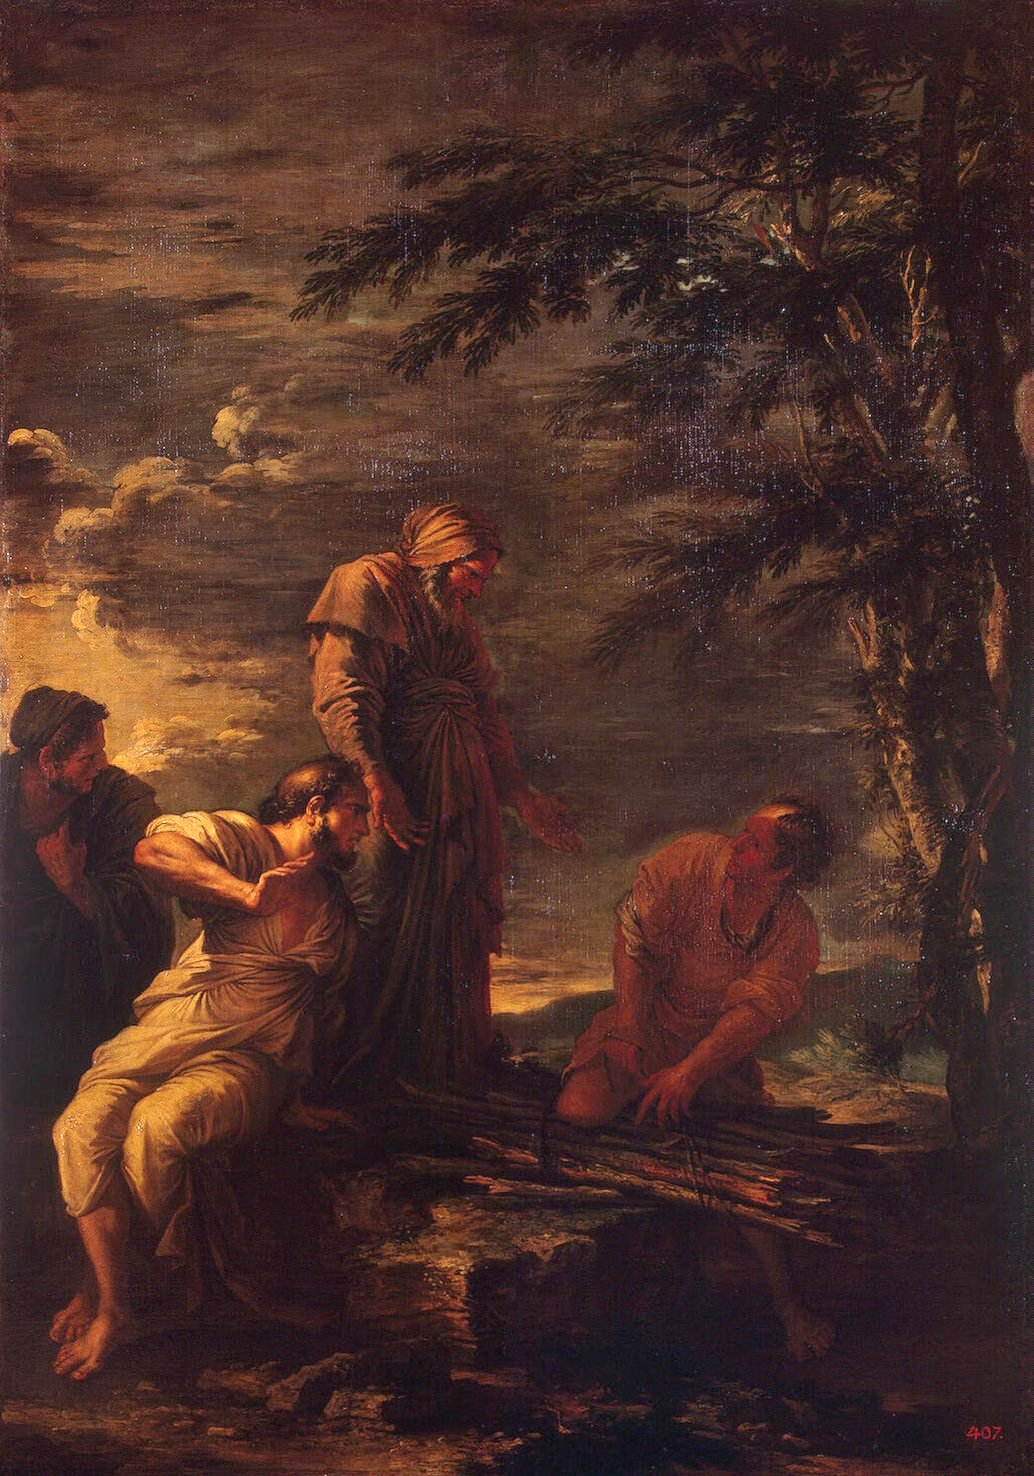 Protagora (al centro) insieme a Democrito (seduto a sinistra) opera di Salvator Rosa